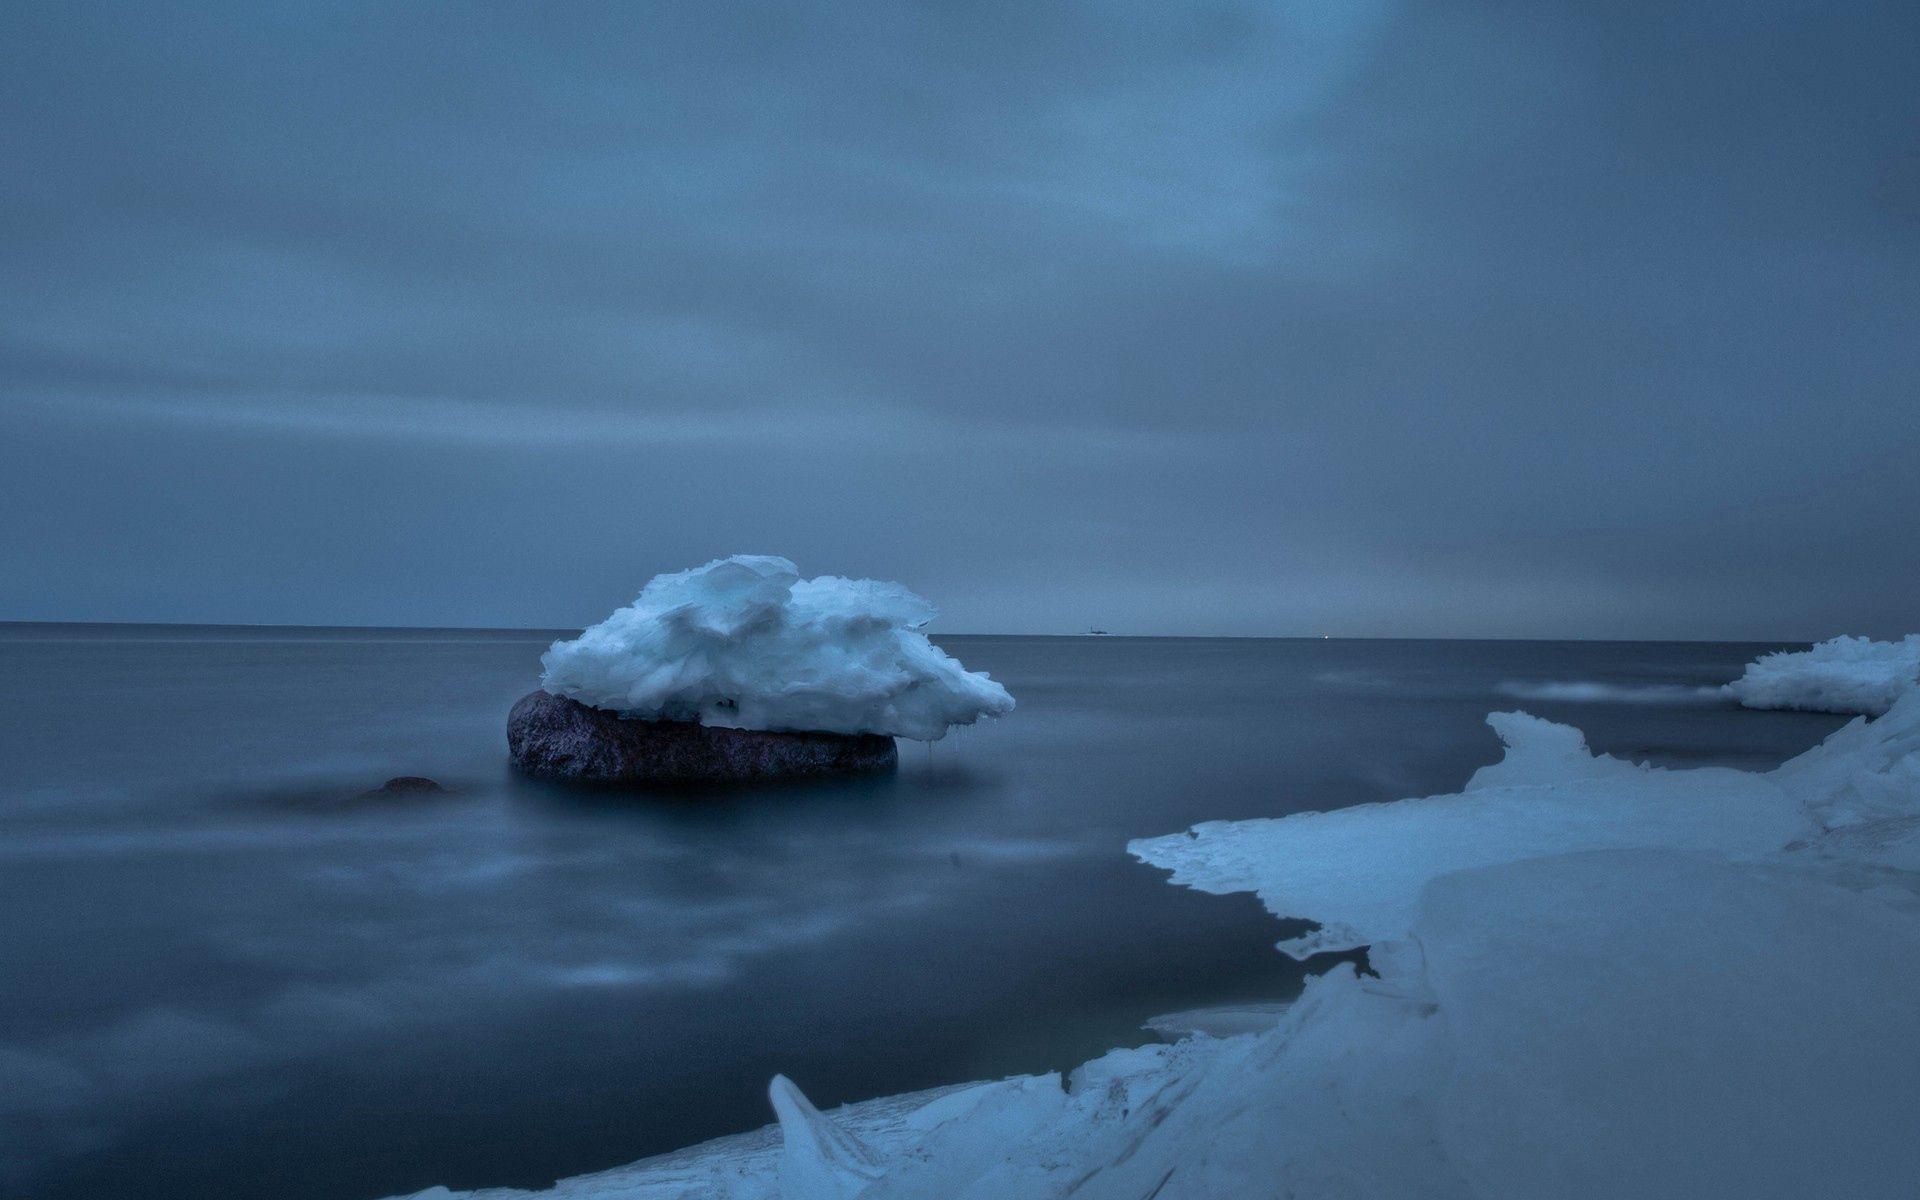 114849 скачать обои Природа, Снег, Море, Камень, Лед, Небо, Пасмурно - заставки и картинки бесплатно